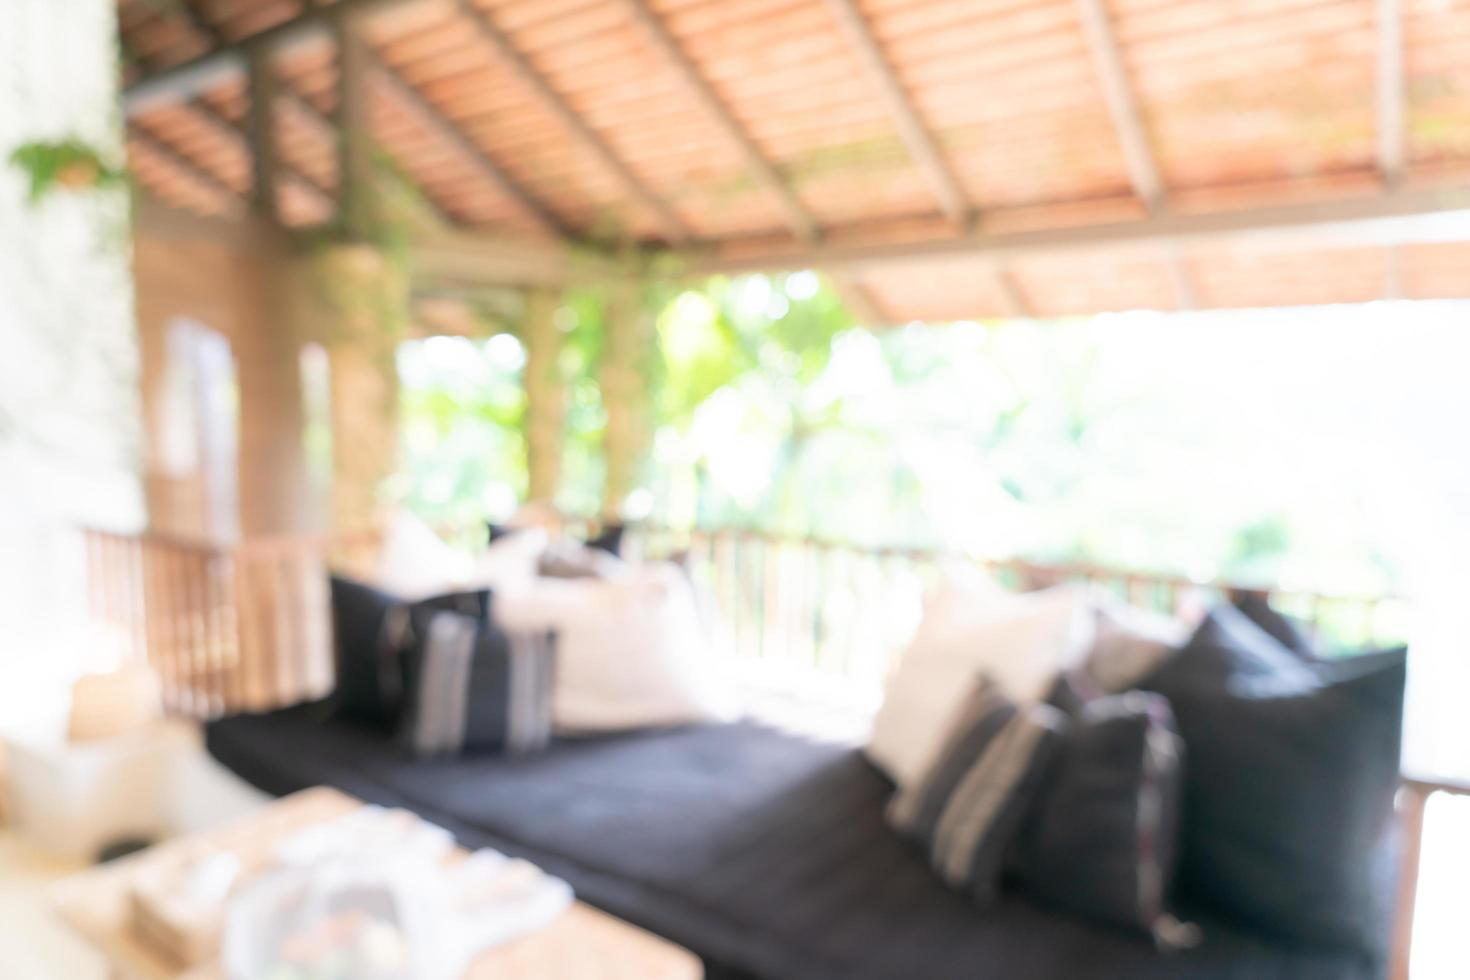 abstrakt oskärpa vardagsrumszon på balkongterrass för bakgrund foto